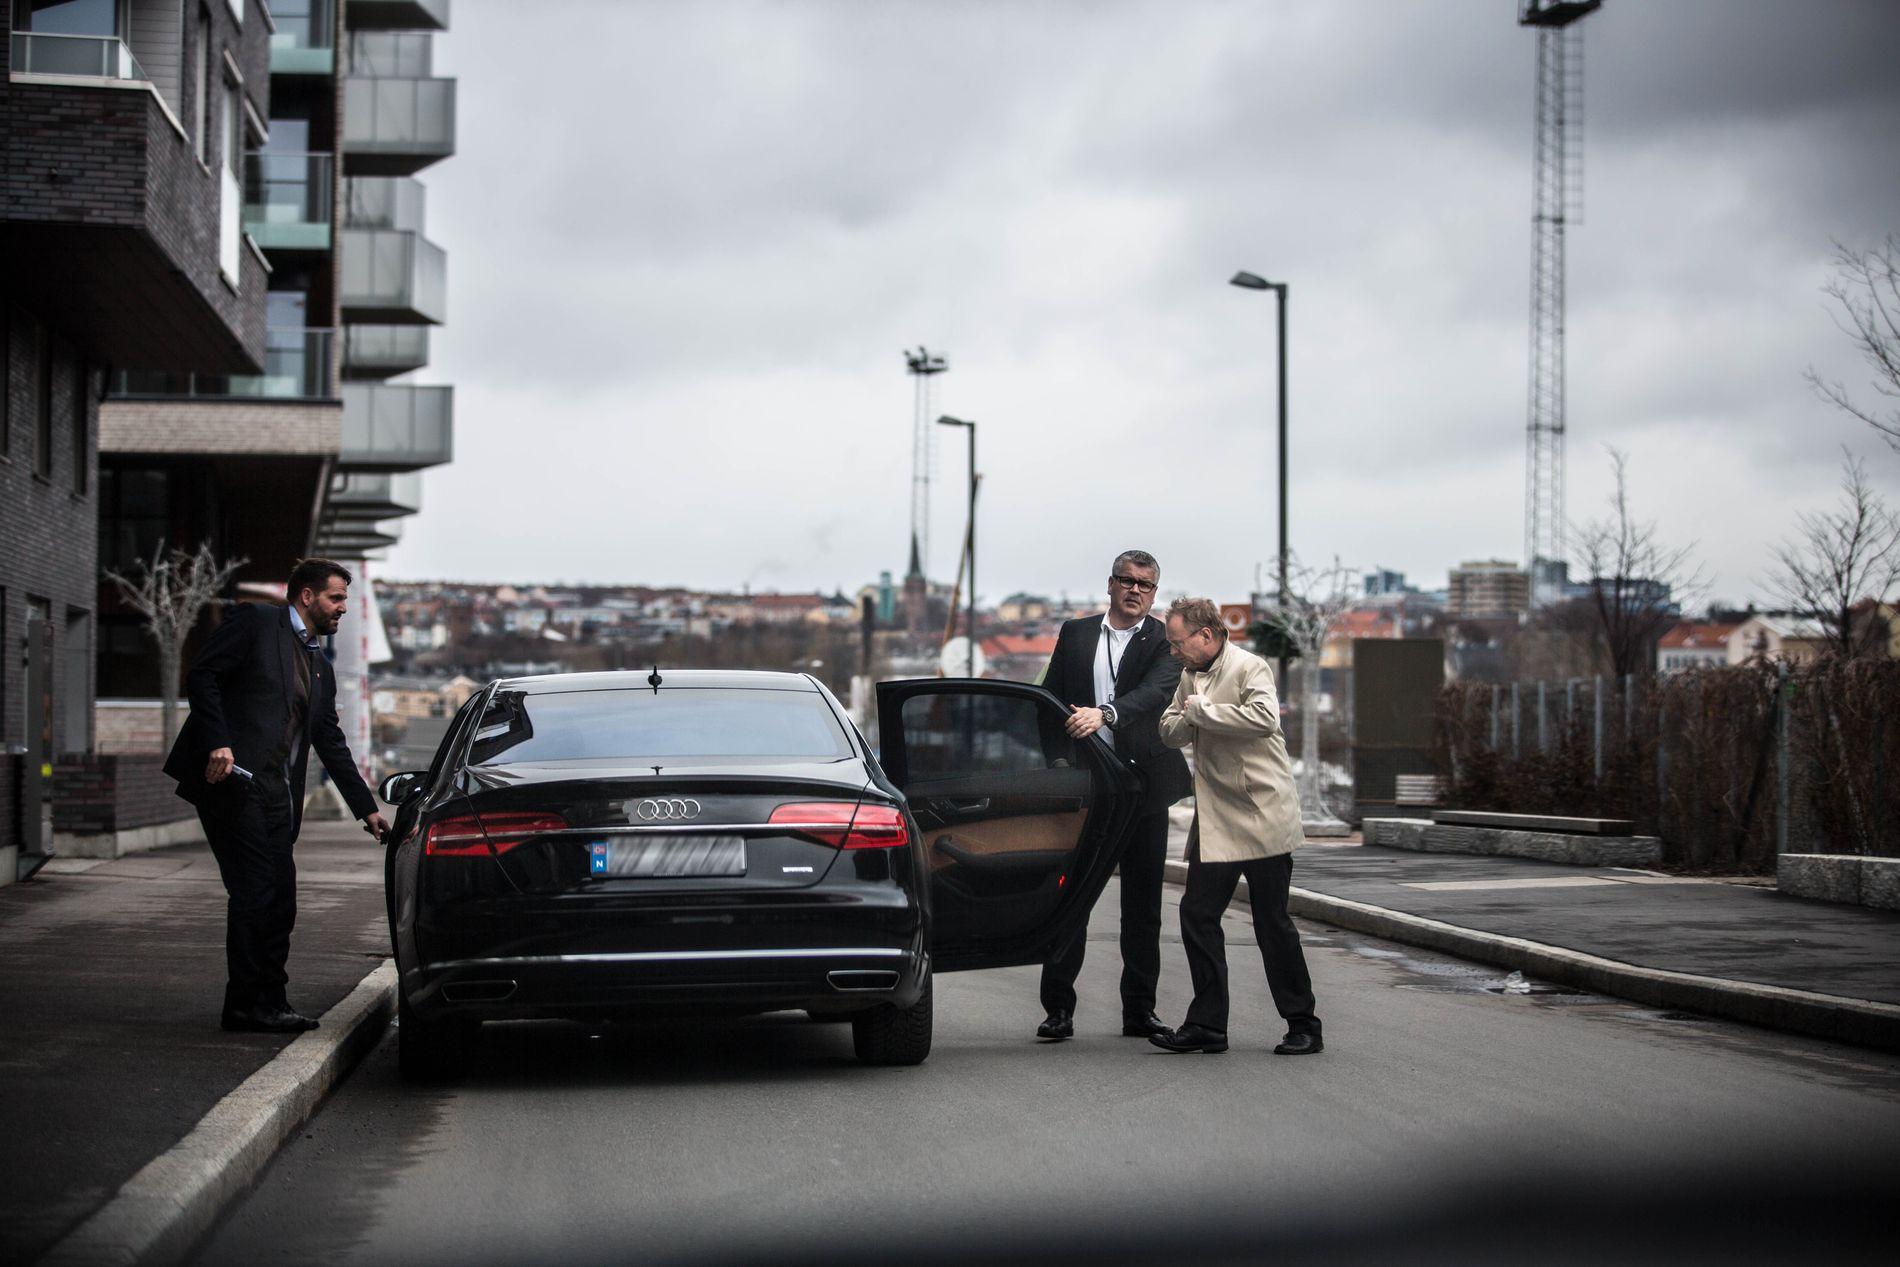 KJØRER FORTSATT AUDI: Byrådsleder Raymond Johansen (Ap) sverger fortsatt til Audi som del av sikkerhetstiltaket. Her er han på vei inn i bilen, mens den faste sjåføren åpner døren for ham. Byrådssekretær Tor Henrik Andersen til venstre.